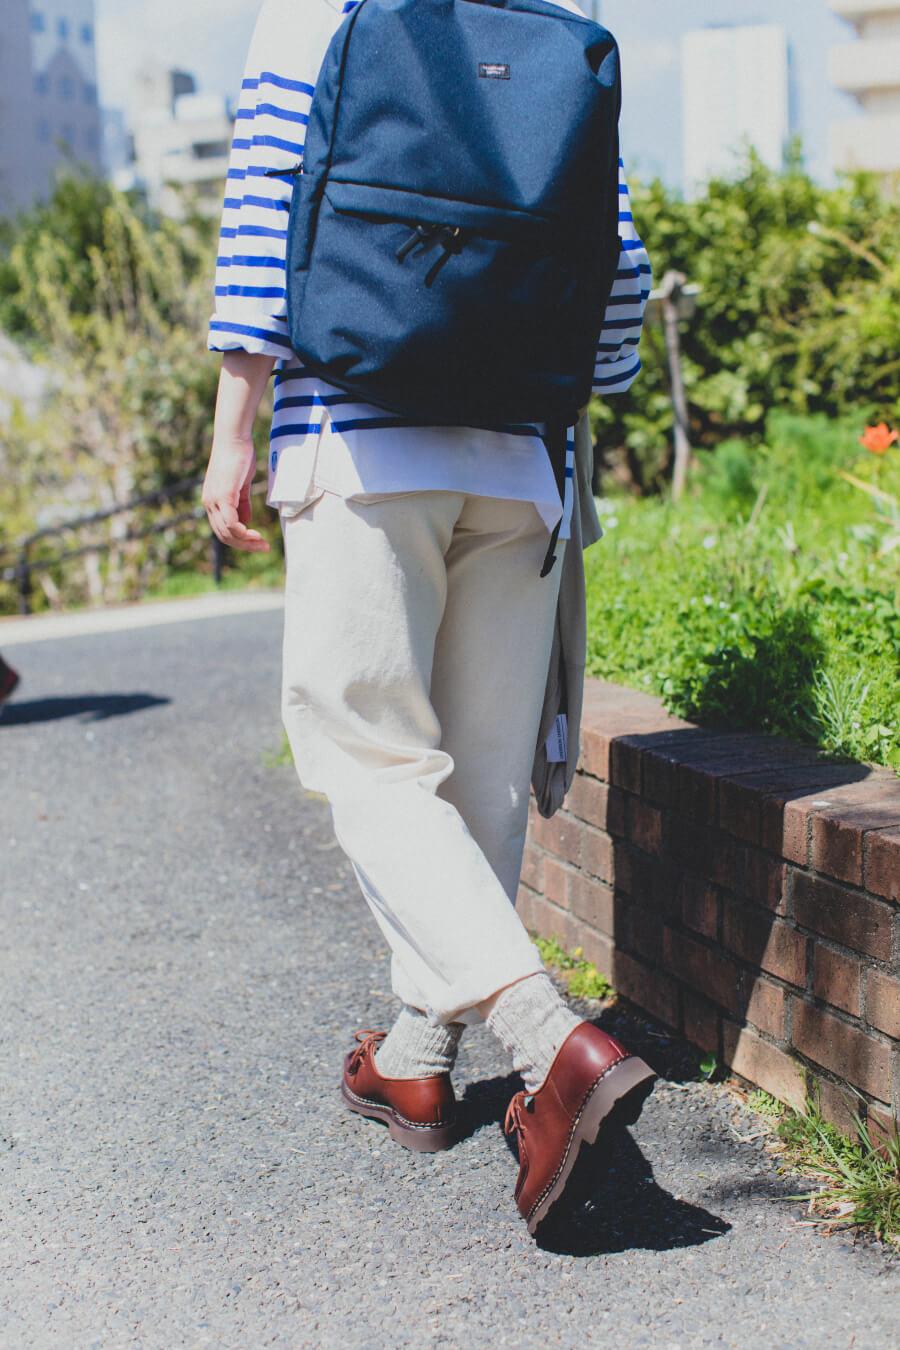 当たりつきギフト専用靴下のLUCKY SOCKS(ラッキーソックス)のMix Ankle Socks(ミックスアンクルソックス)のグレージュ_image2